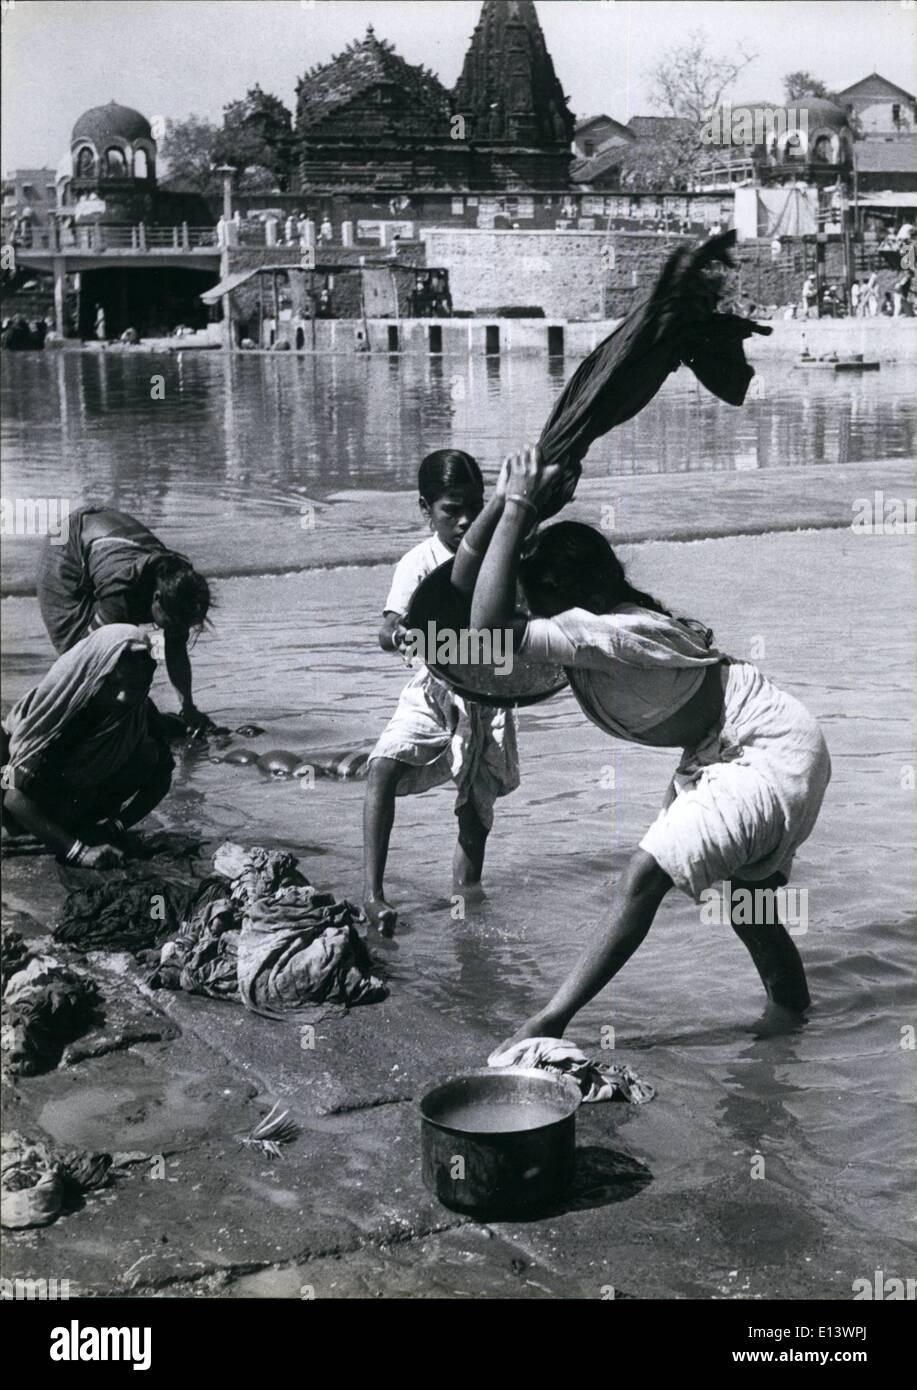 27. März 2012 - verdiene indische Mädchen Geld, um ihren Familien zu helfen, von Wäsche waschen im Fluss. Sie schlugen die Kleidung gegen Felsen zu zwingen, das Wasser durch den Stoff und den Schmutz auswaschen. Die Arbeit ist hart in die heiße Sonne und die kleine Zahlung. Stockbild